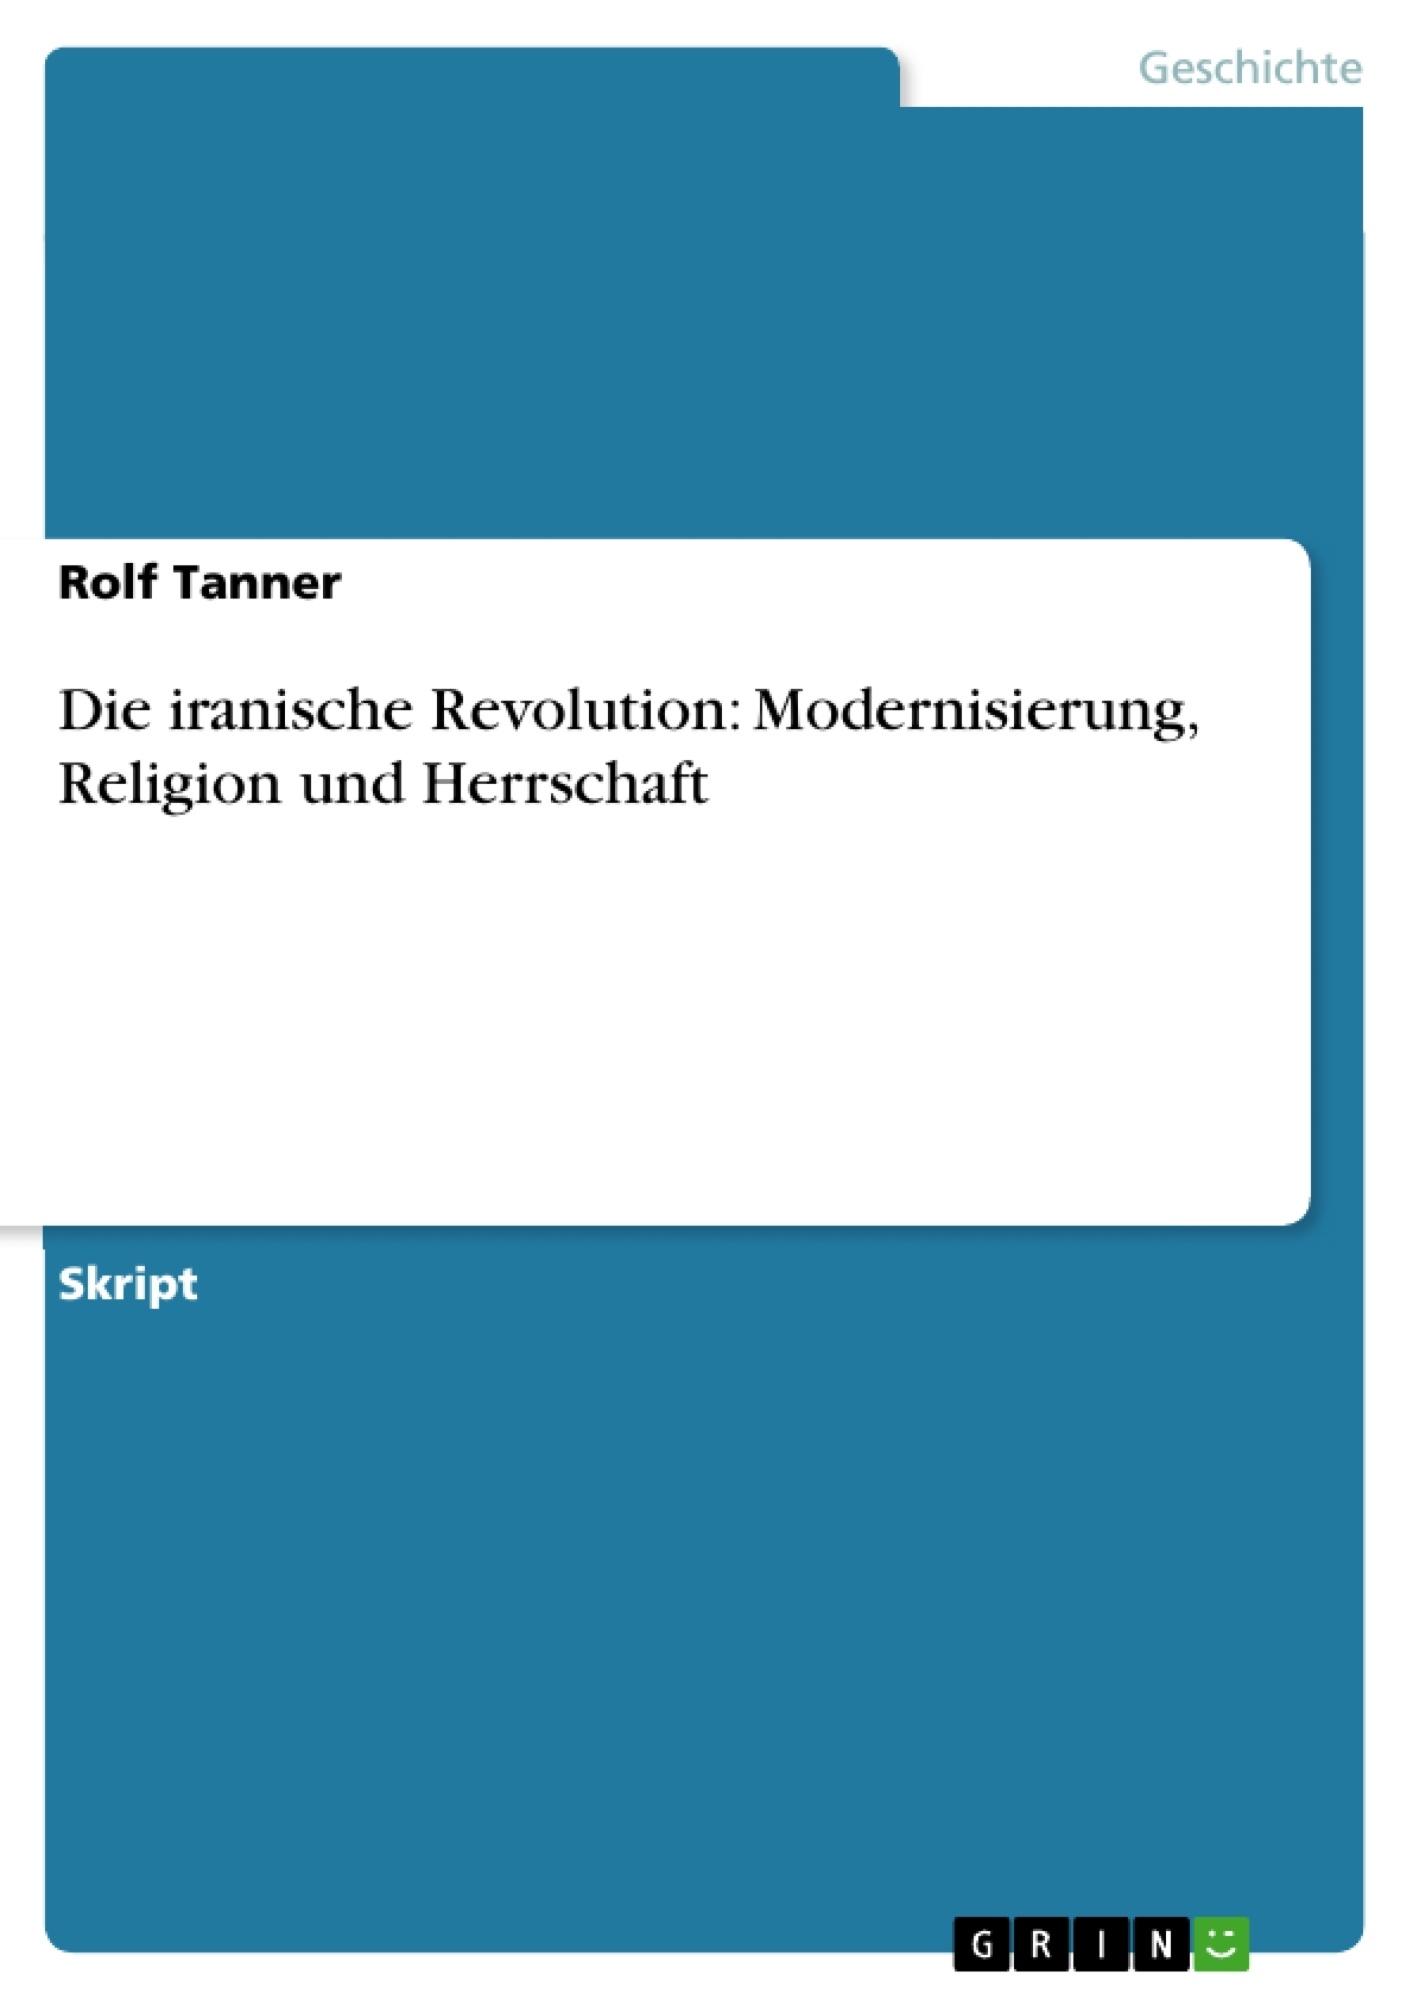 Titel: Die iranische Revolution: Modernisierung, Religion und Herrschaft